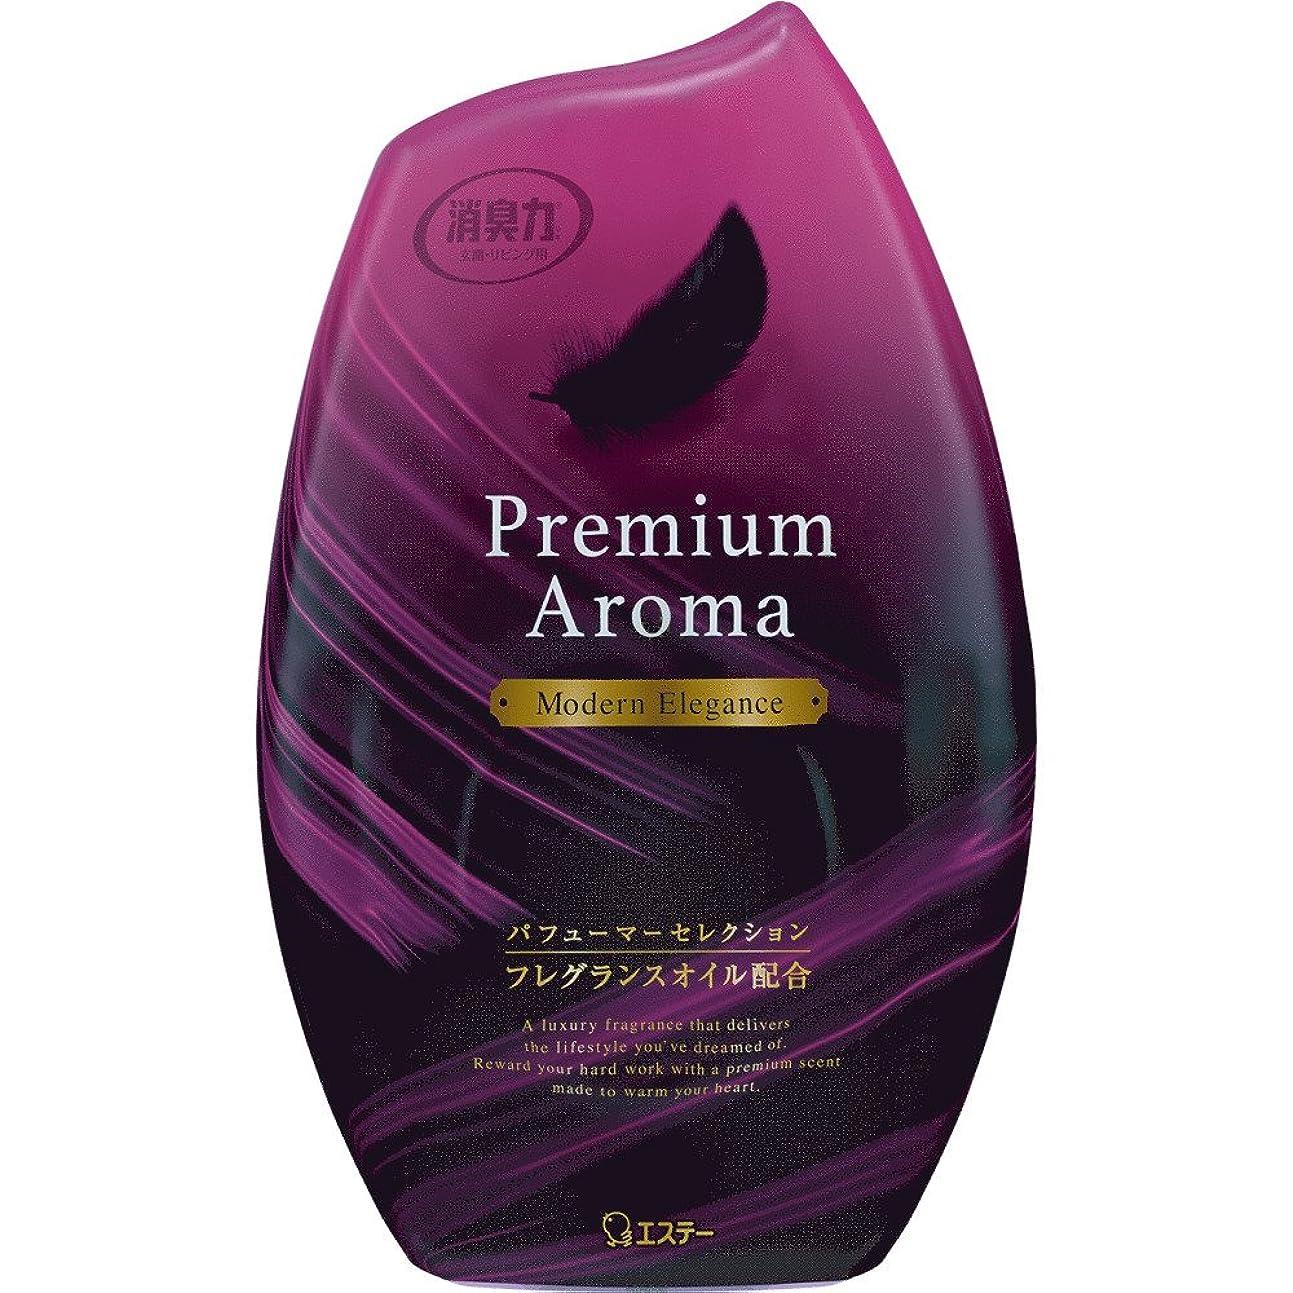 赤ちゃんあえてアプライアンスお部屋の消臭力 プレミアムアロマ Premium Aroma 消臭芳香剤 部屋用 部屋 モダンエレガンスの香り 400ml